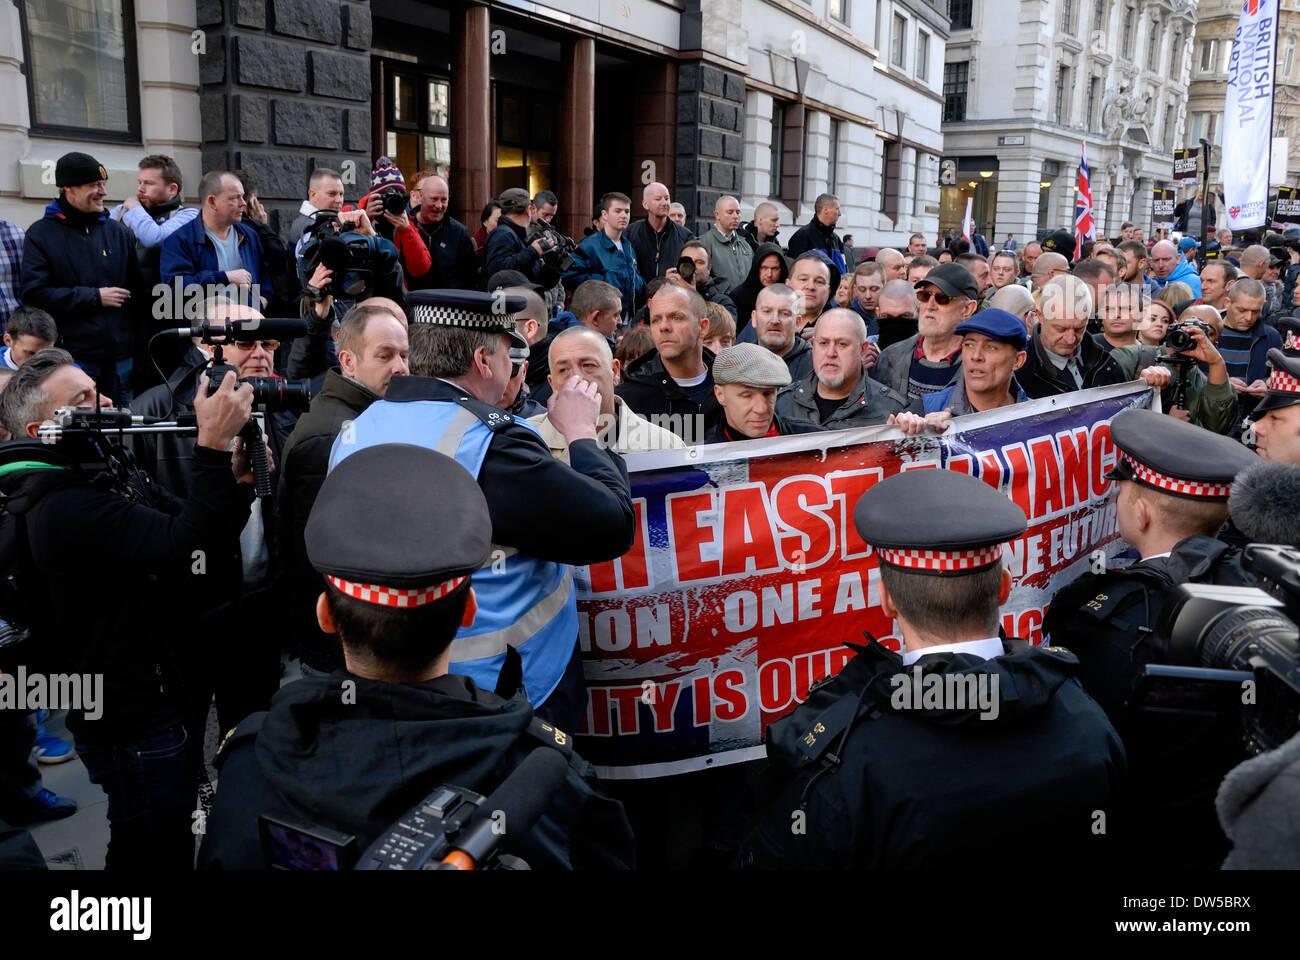 La confrontación entre la policía y los manifestantes fuera del casco antiguo de Baily durante la condena de los asesinos de Lee Rigby, Feb 2014 Imagen De Stock